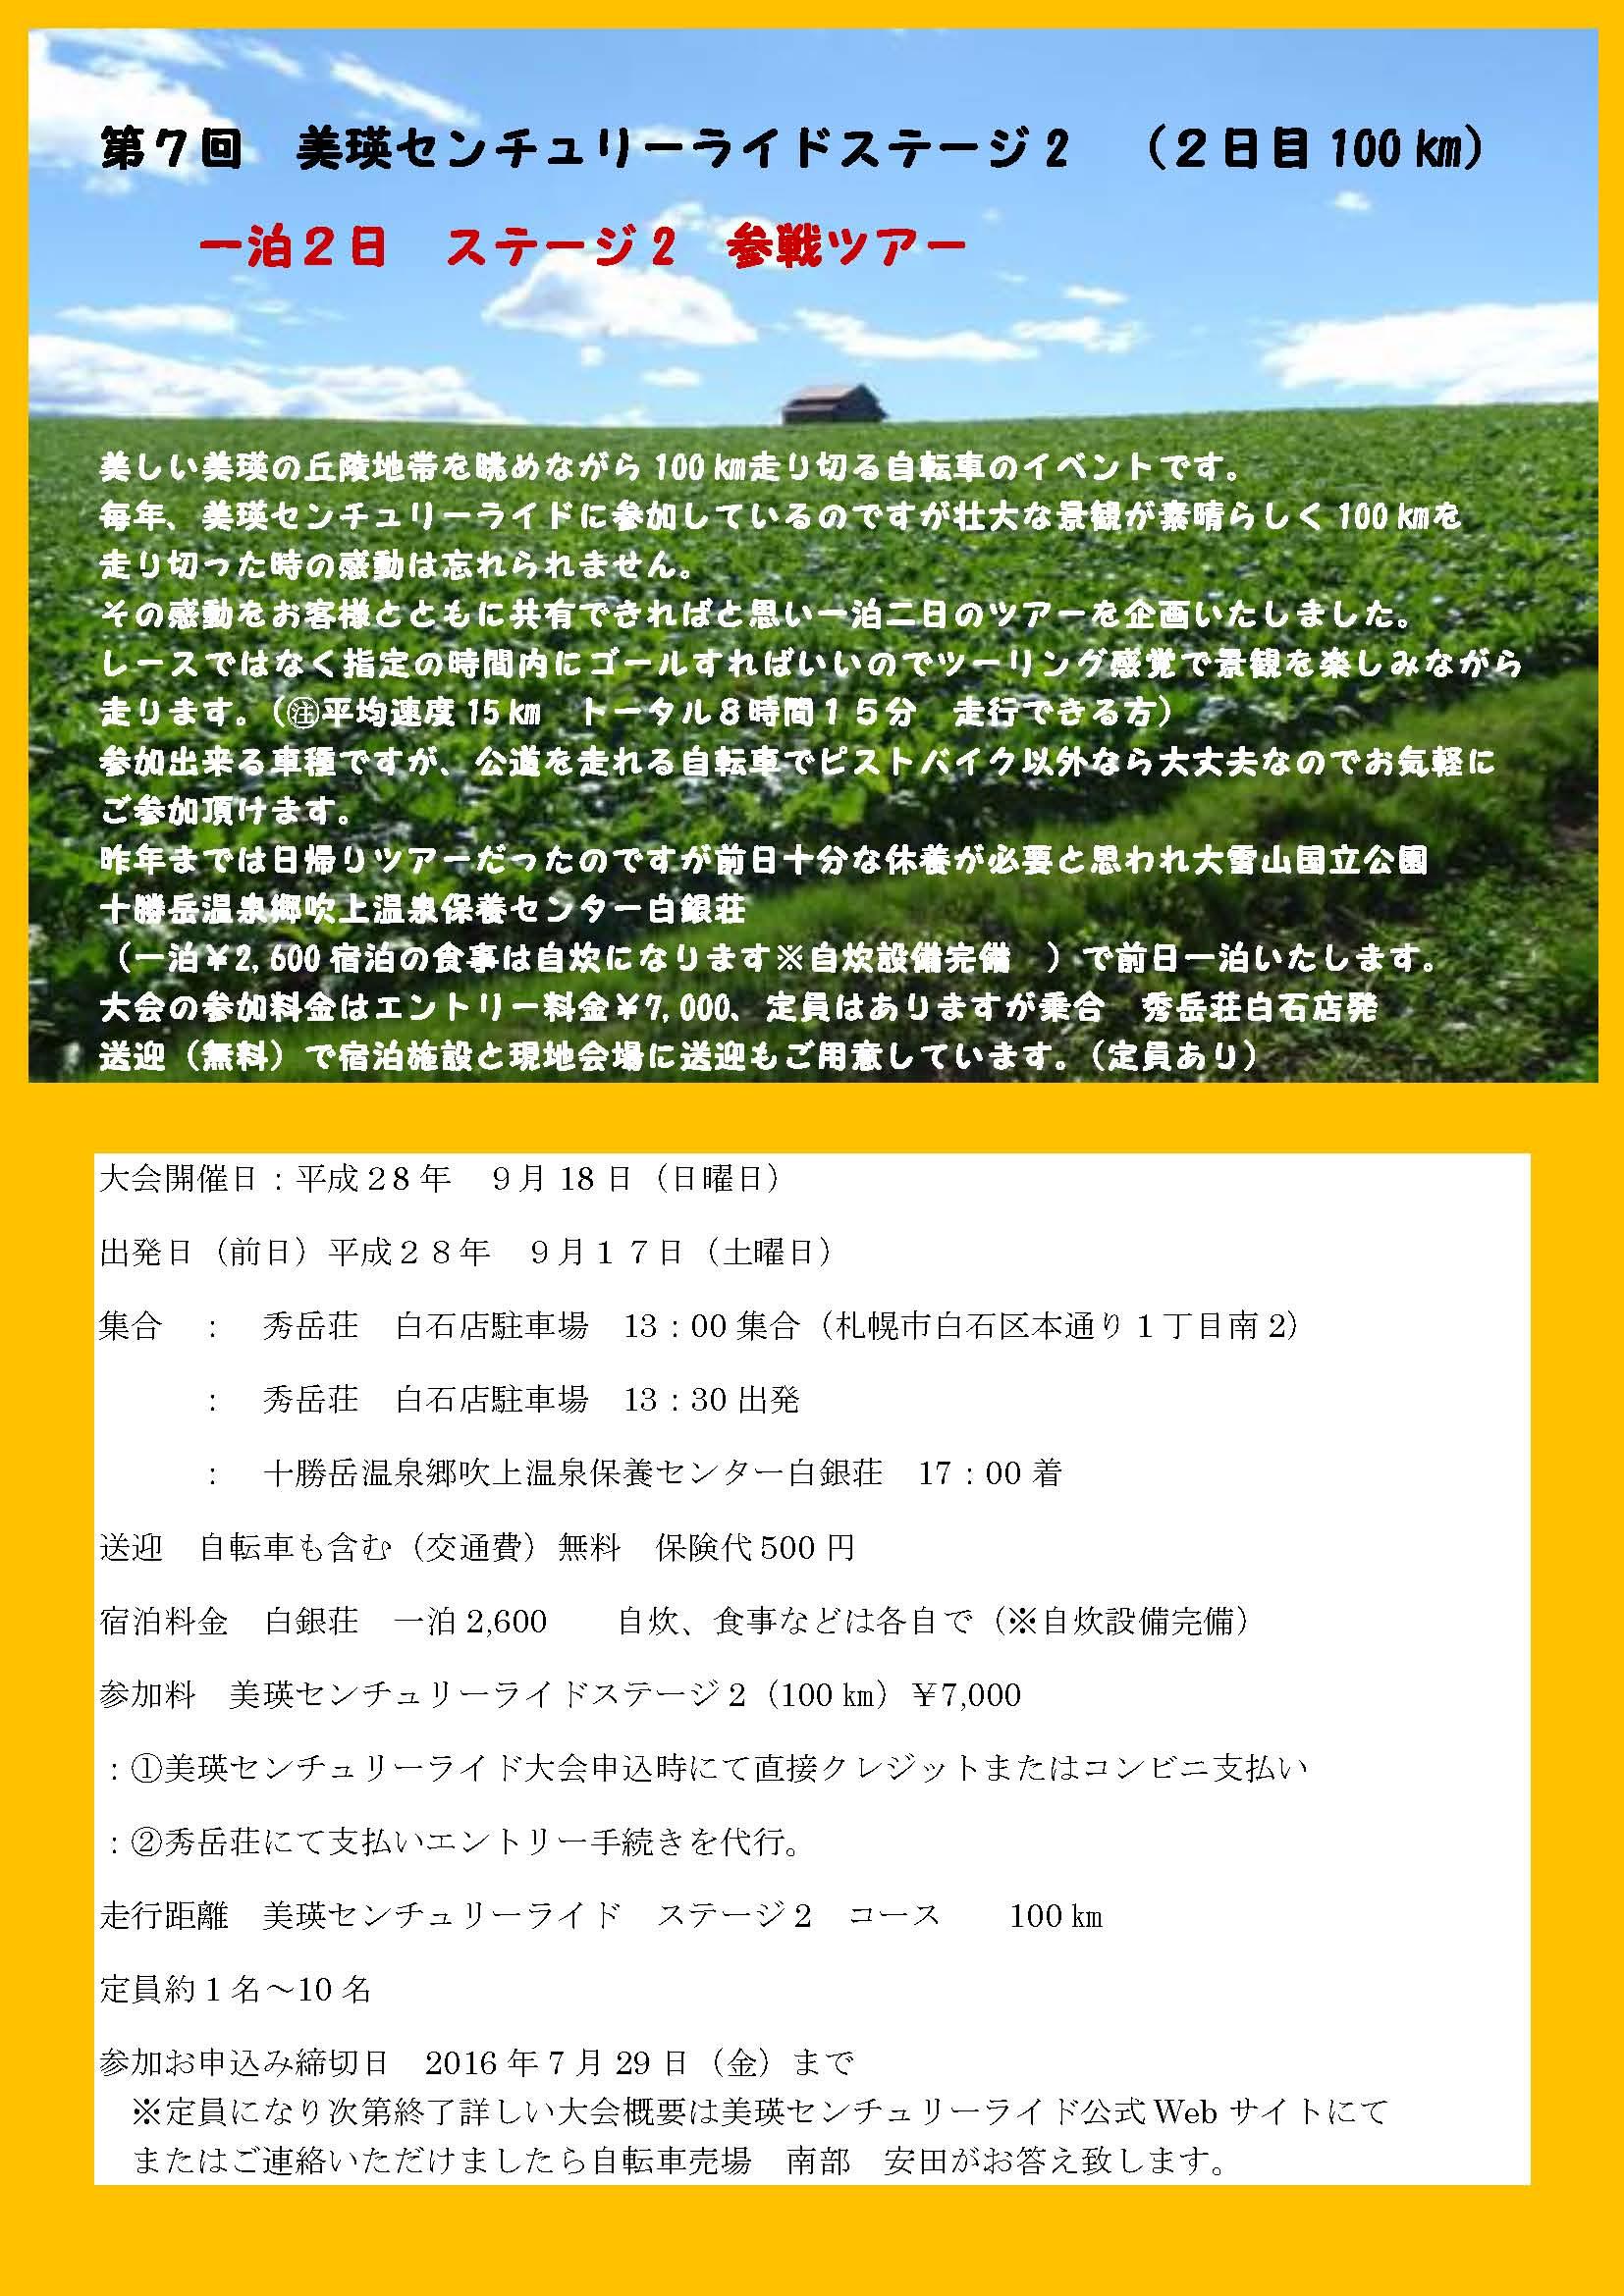 美瑛センチュリーライド ステージ2 参加募集中_d0197762_16294546.jpg